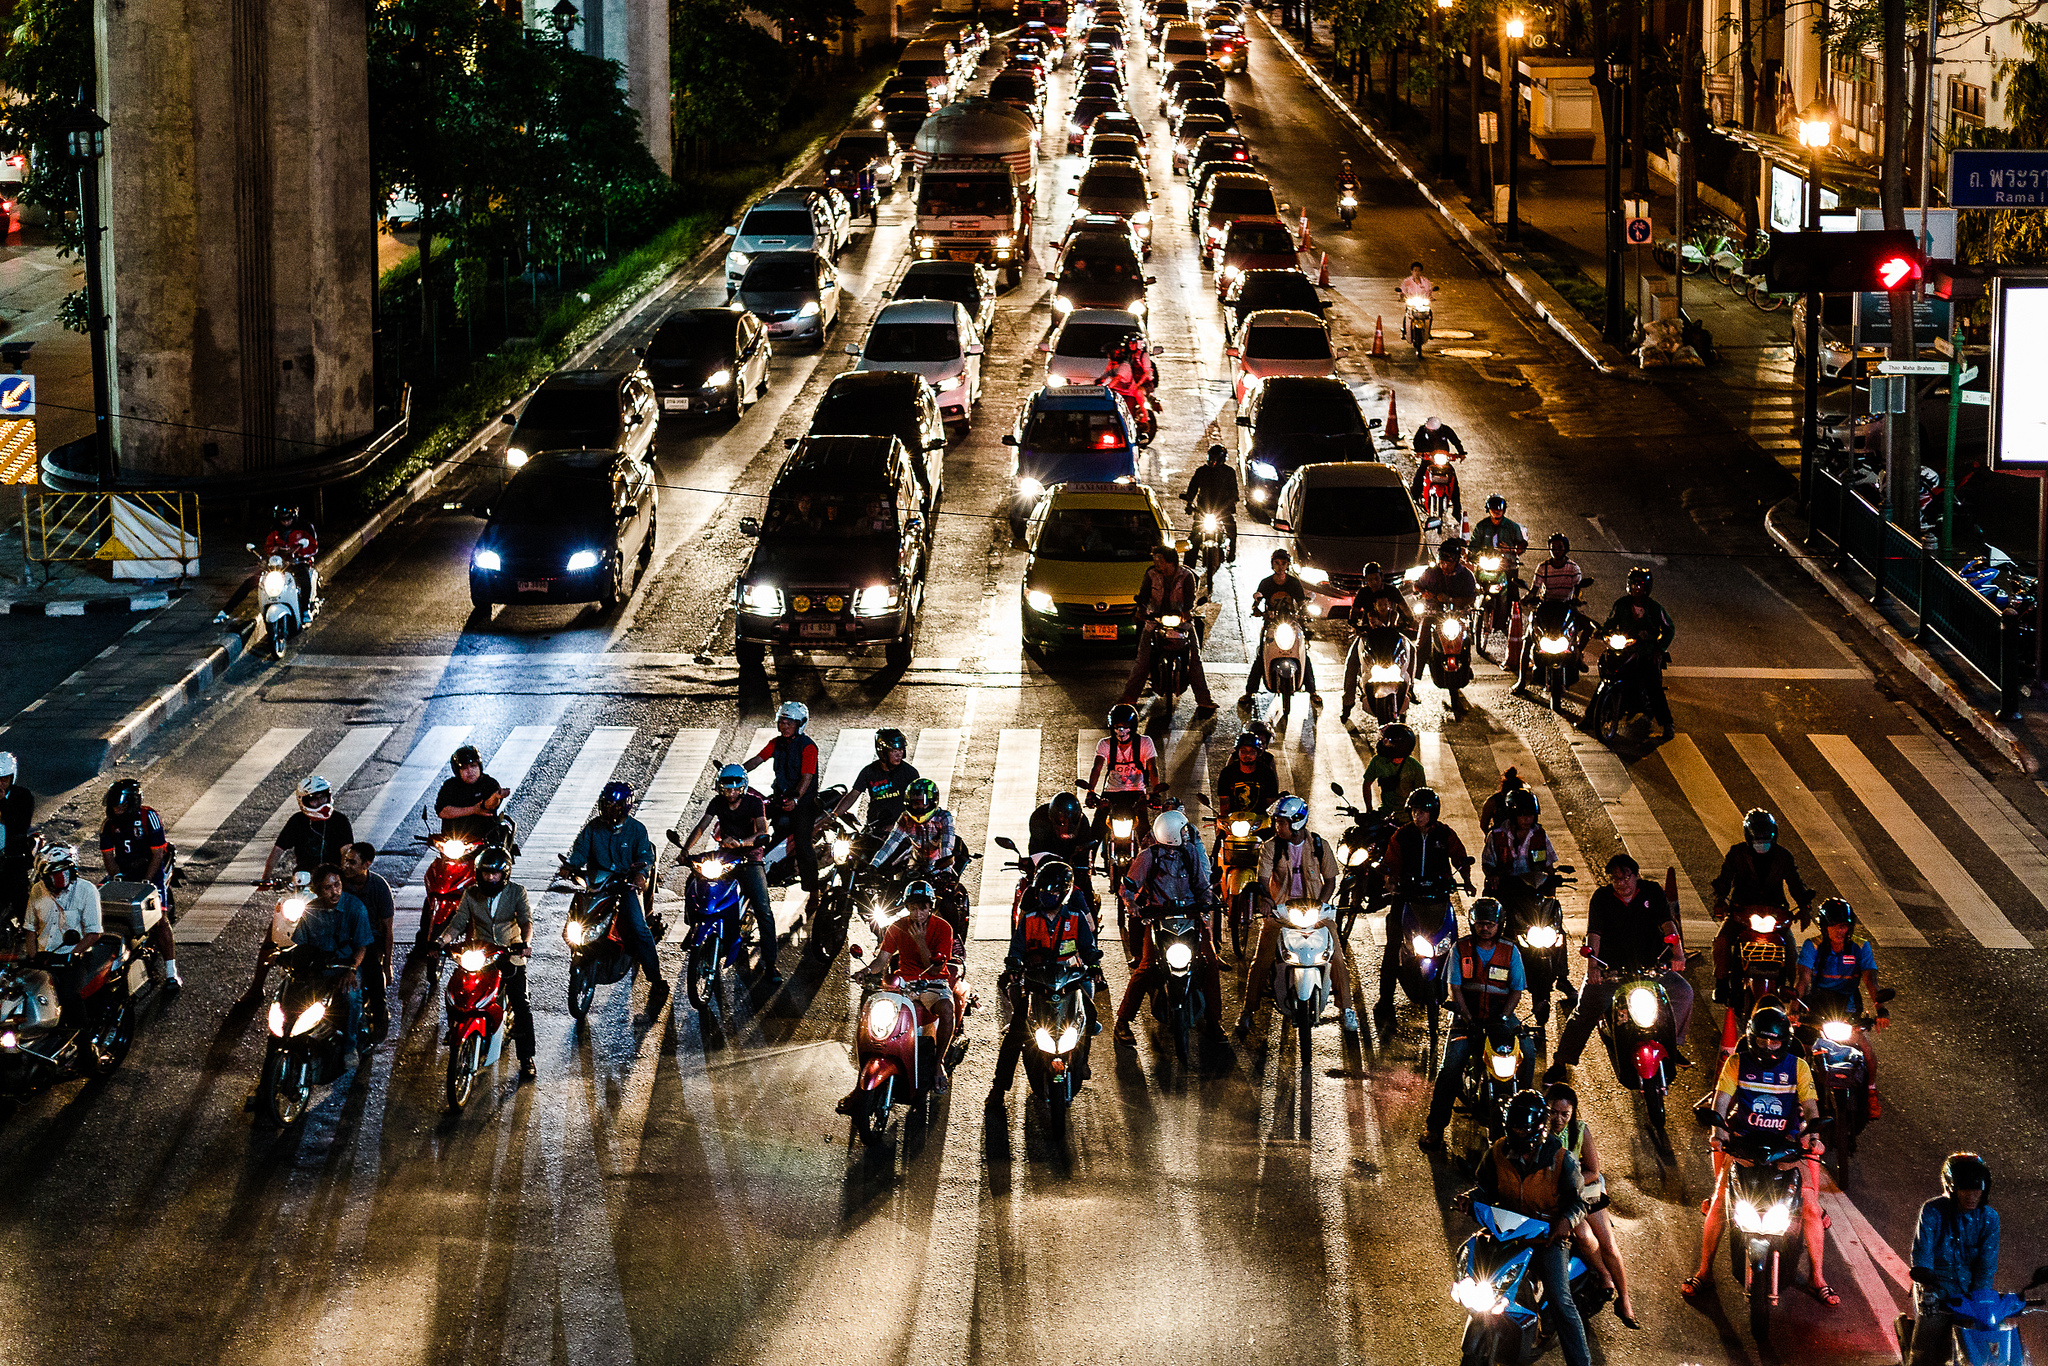 Les problèmes de trafic à Bangkok devraient s'aggraver, alors que cinq nouvelles lignes de transport en commun sont en cours de construction